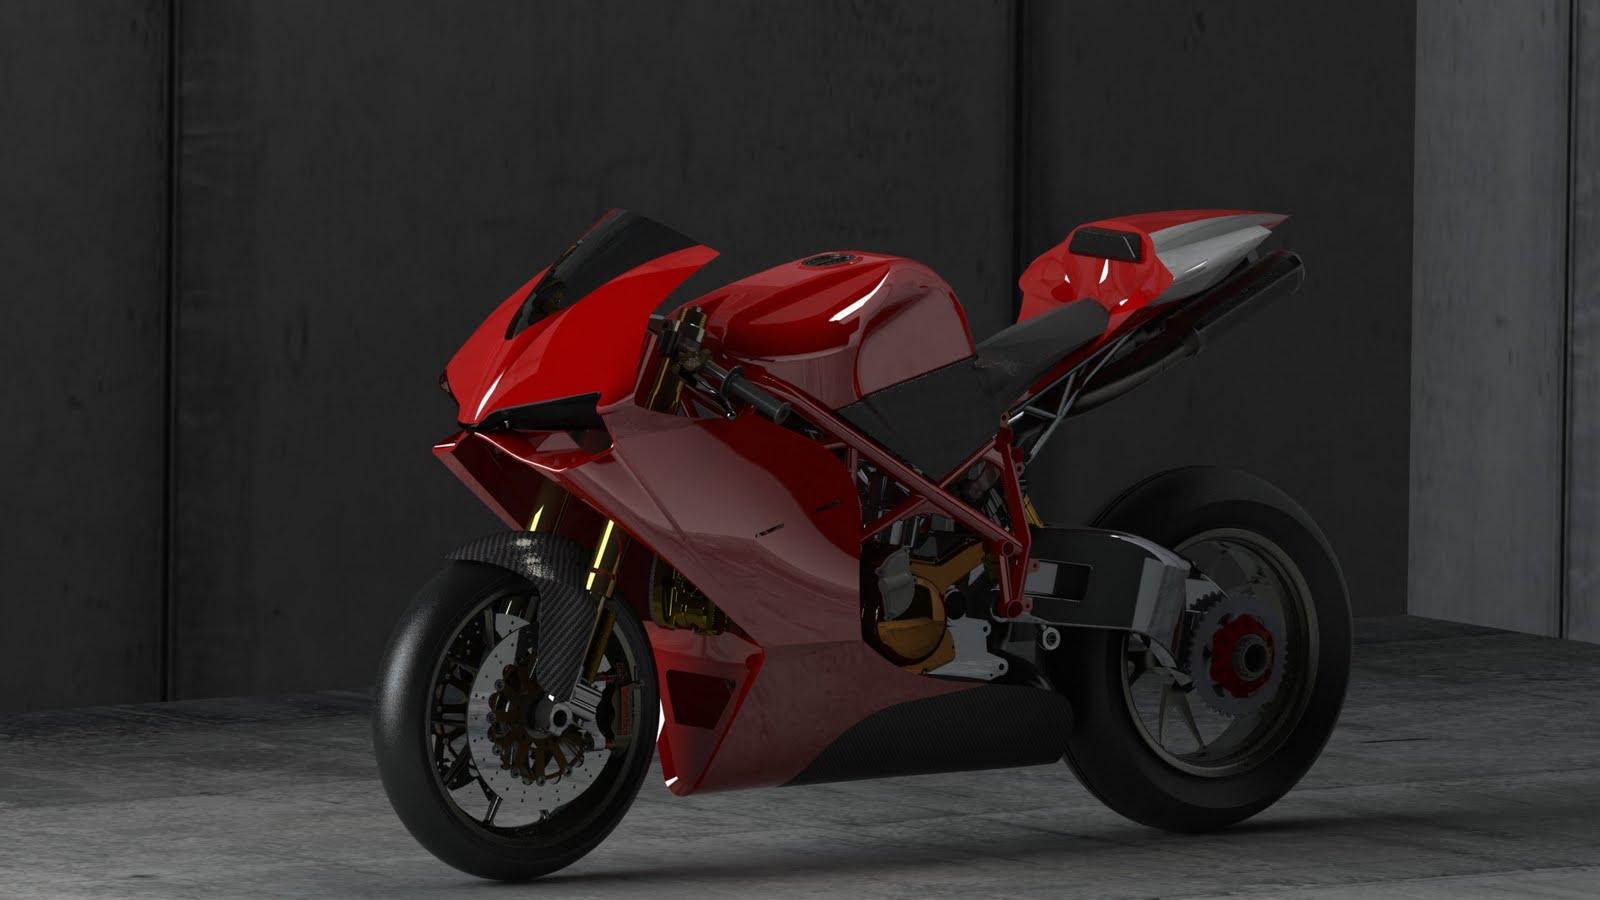 Ducati Panigale Wallpaper Hd DESMO DESIGN